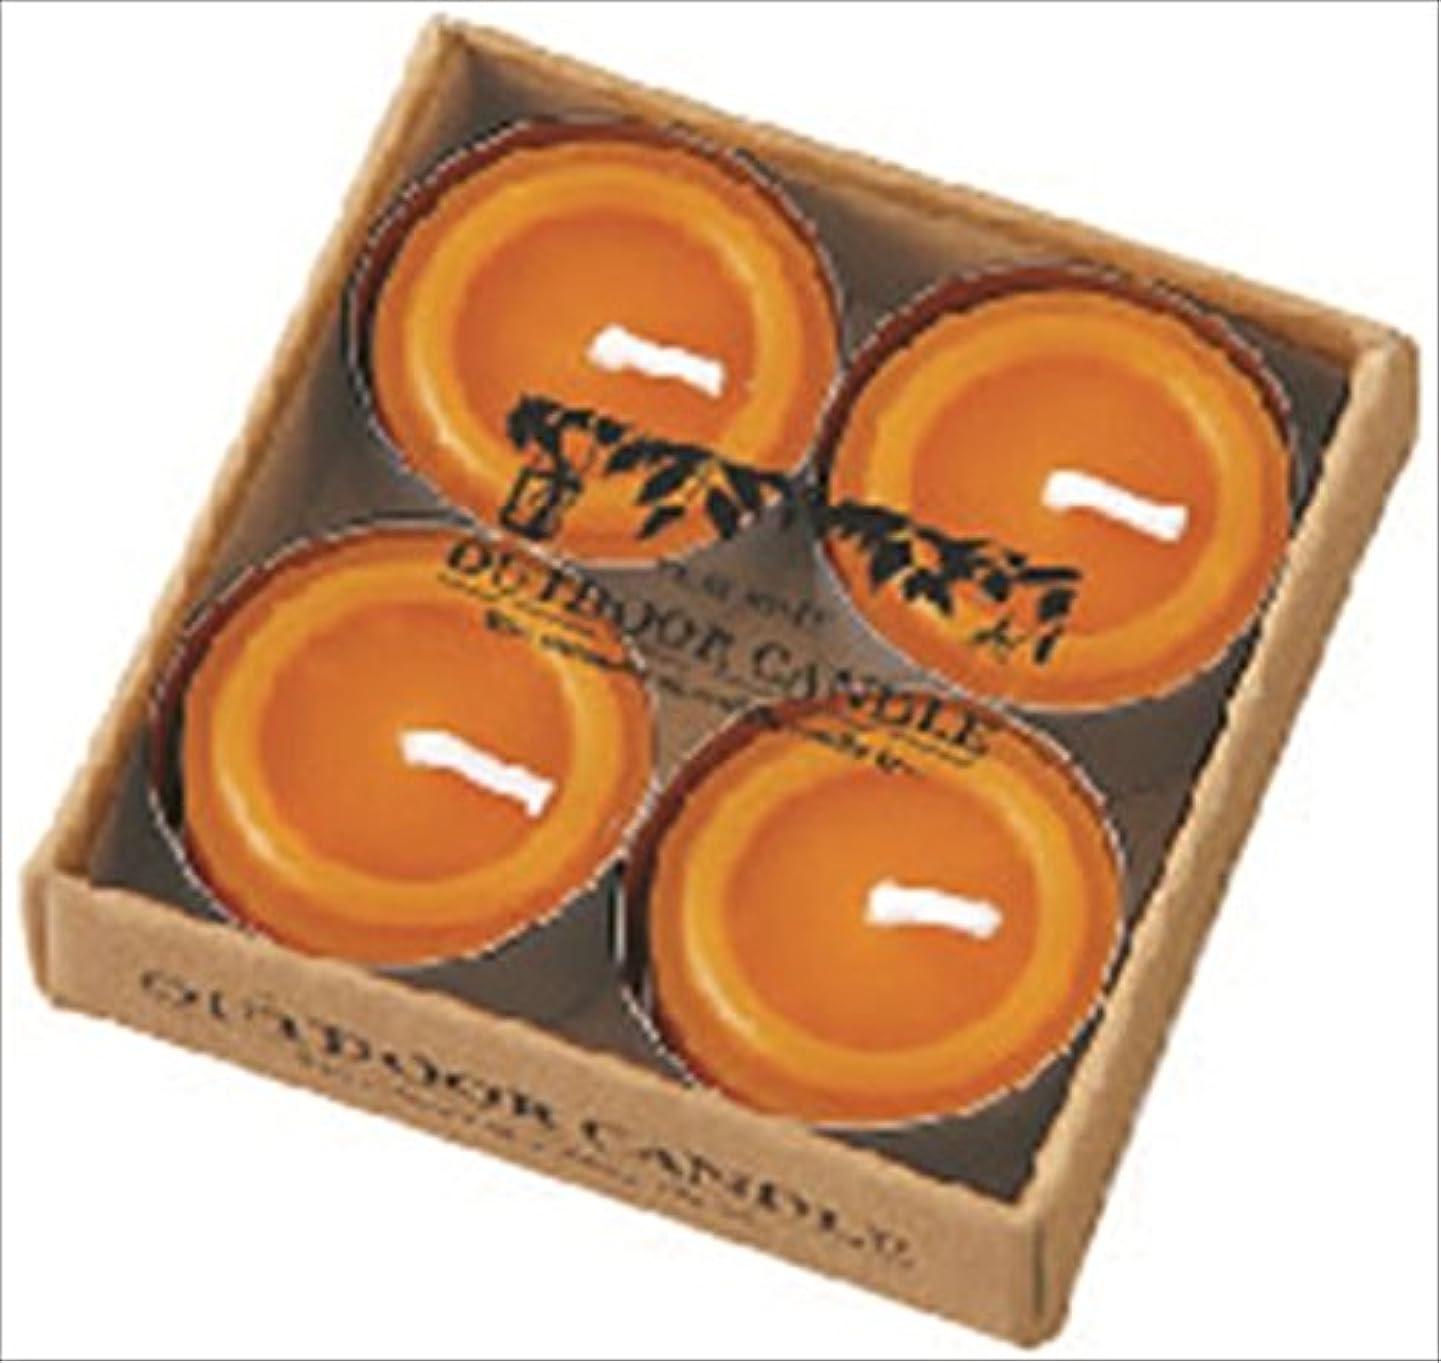 政府愛情内向きカメヤマキャンドル( kameyama candle ) シトロネラティーライト4個入り A8590500